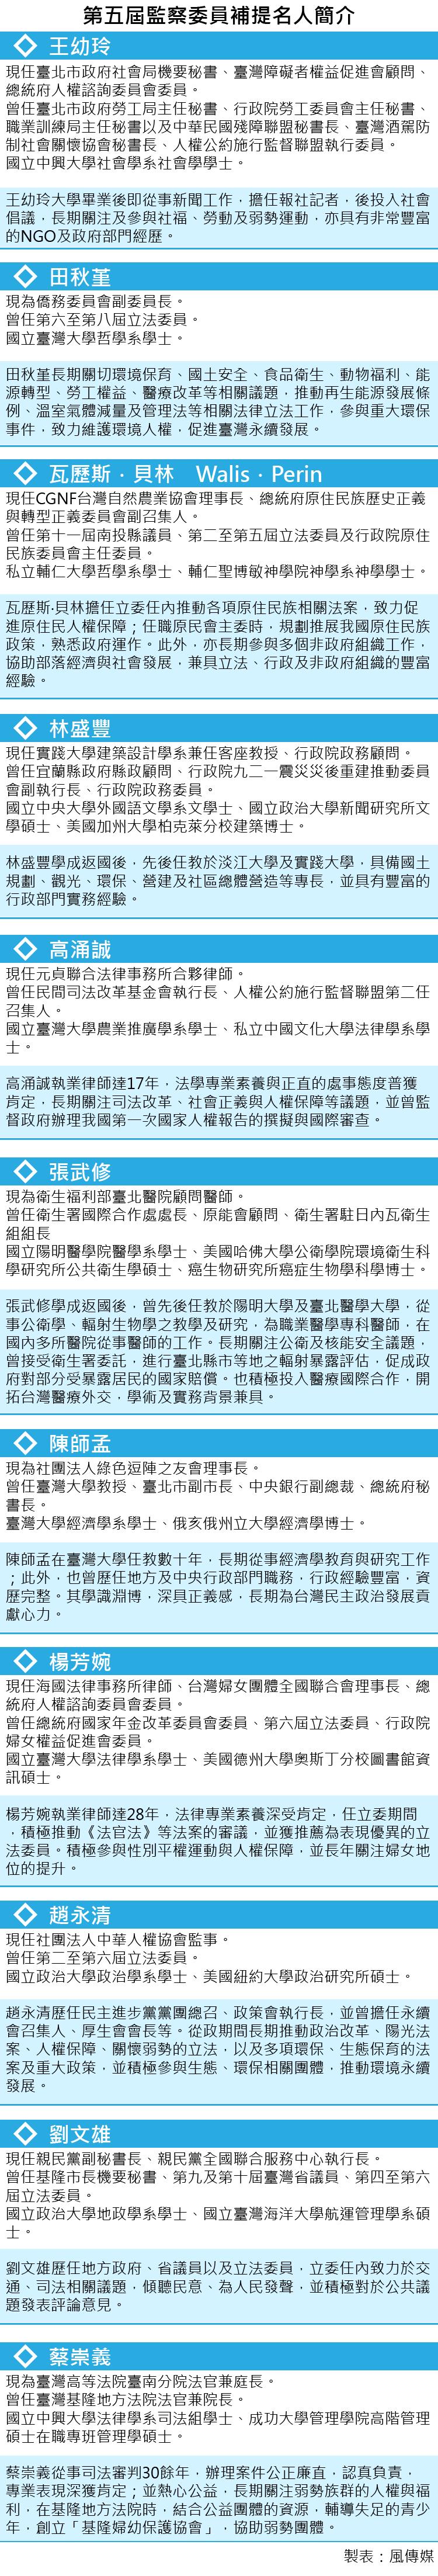 20170301-SMG0035-第五屆監察委員補提名人簡介-01.png